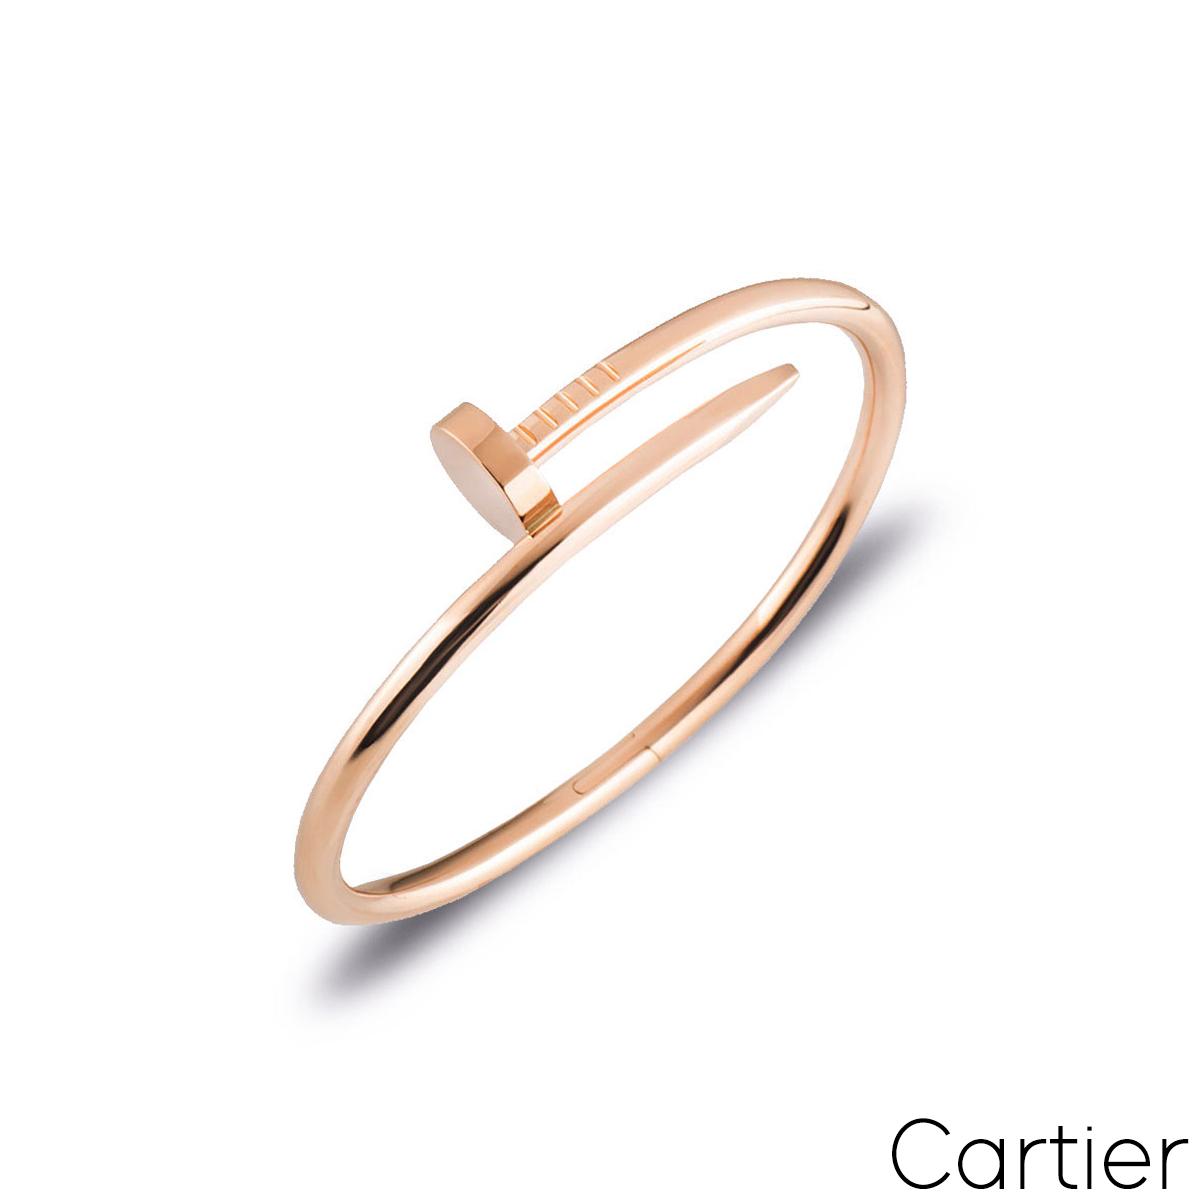 Cartier Rose Gold Plain Juste Un Clou Bracelet Size 17 B6048117